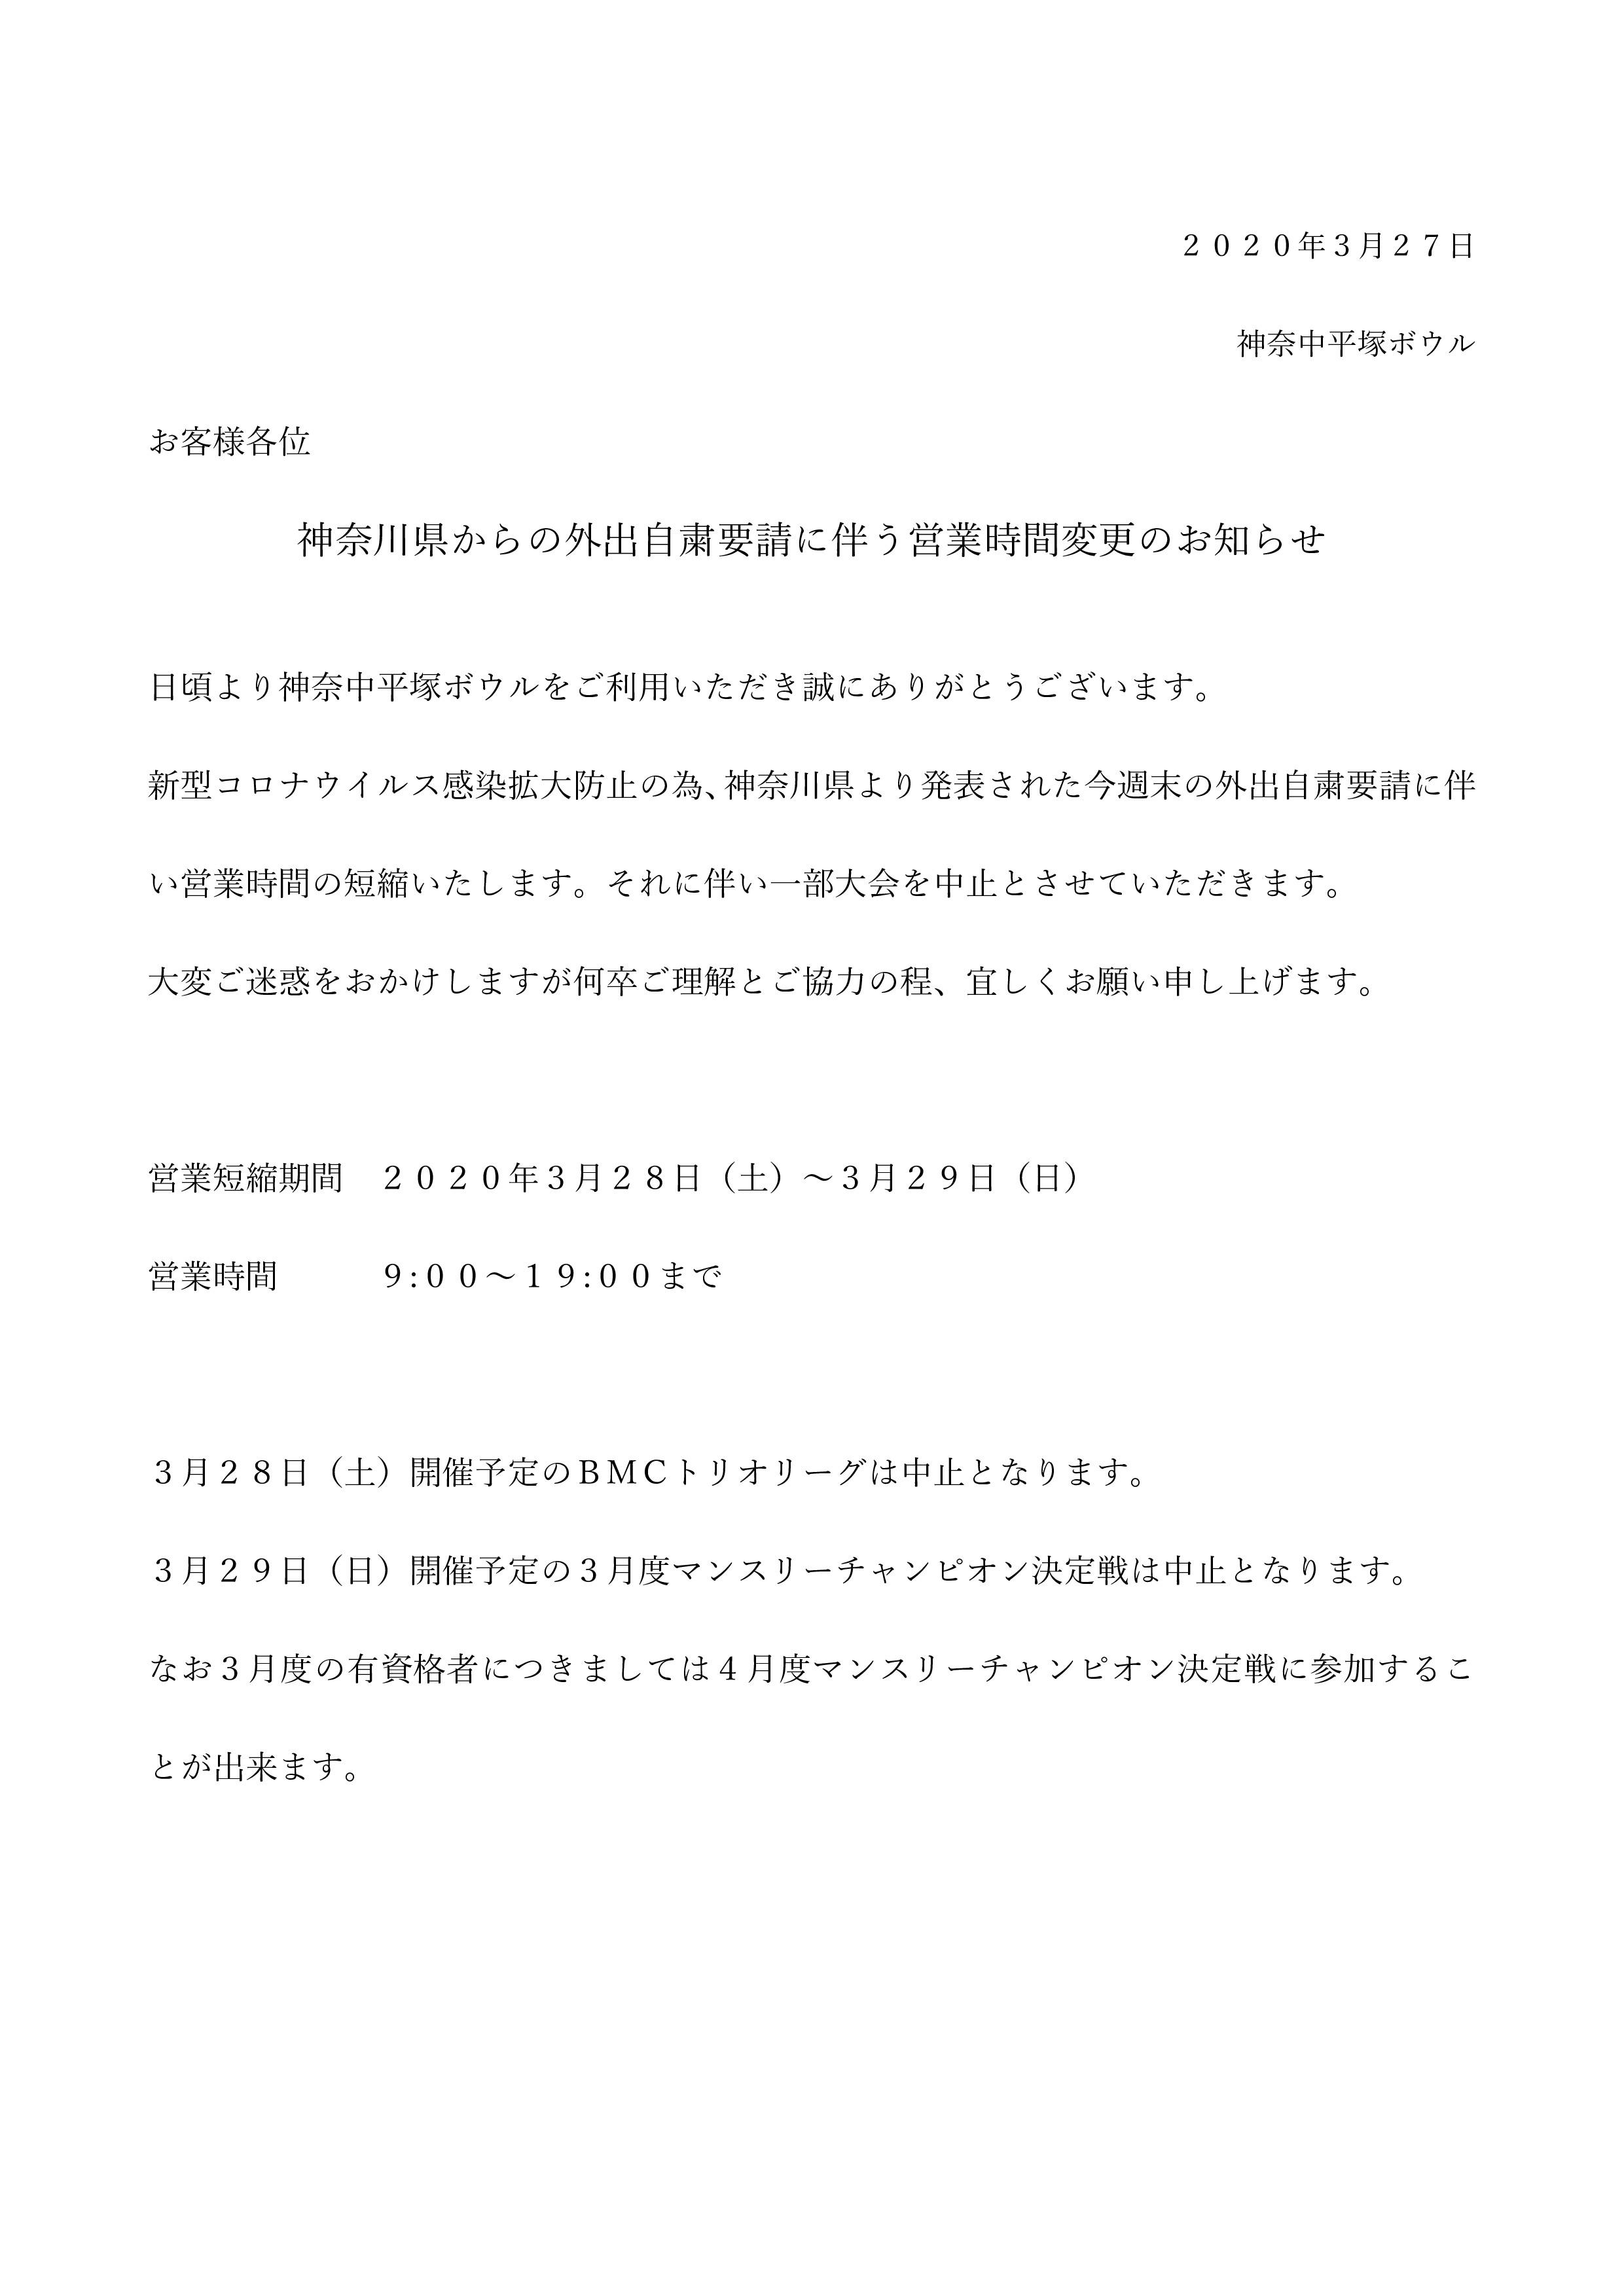 神奈川 県 自粛 要請